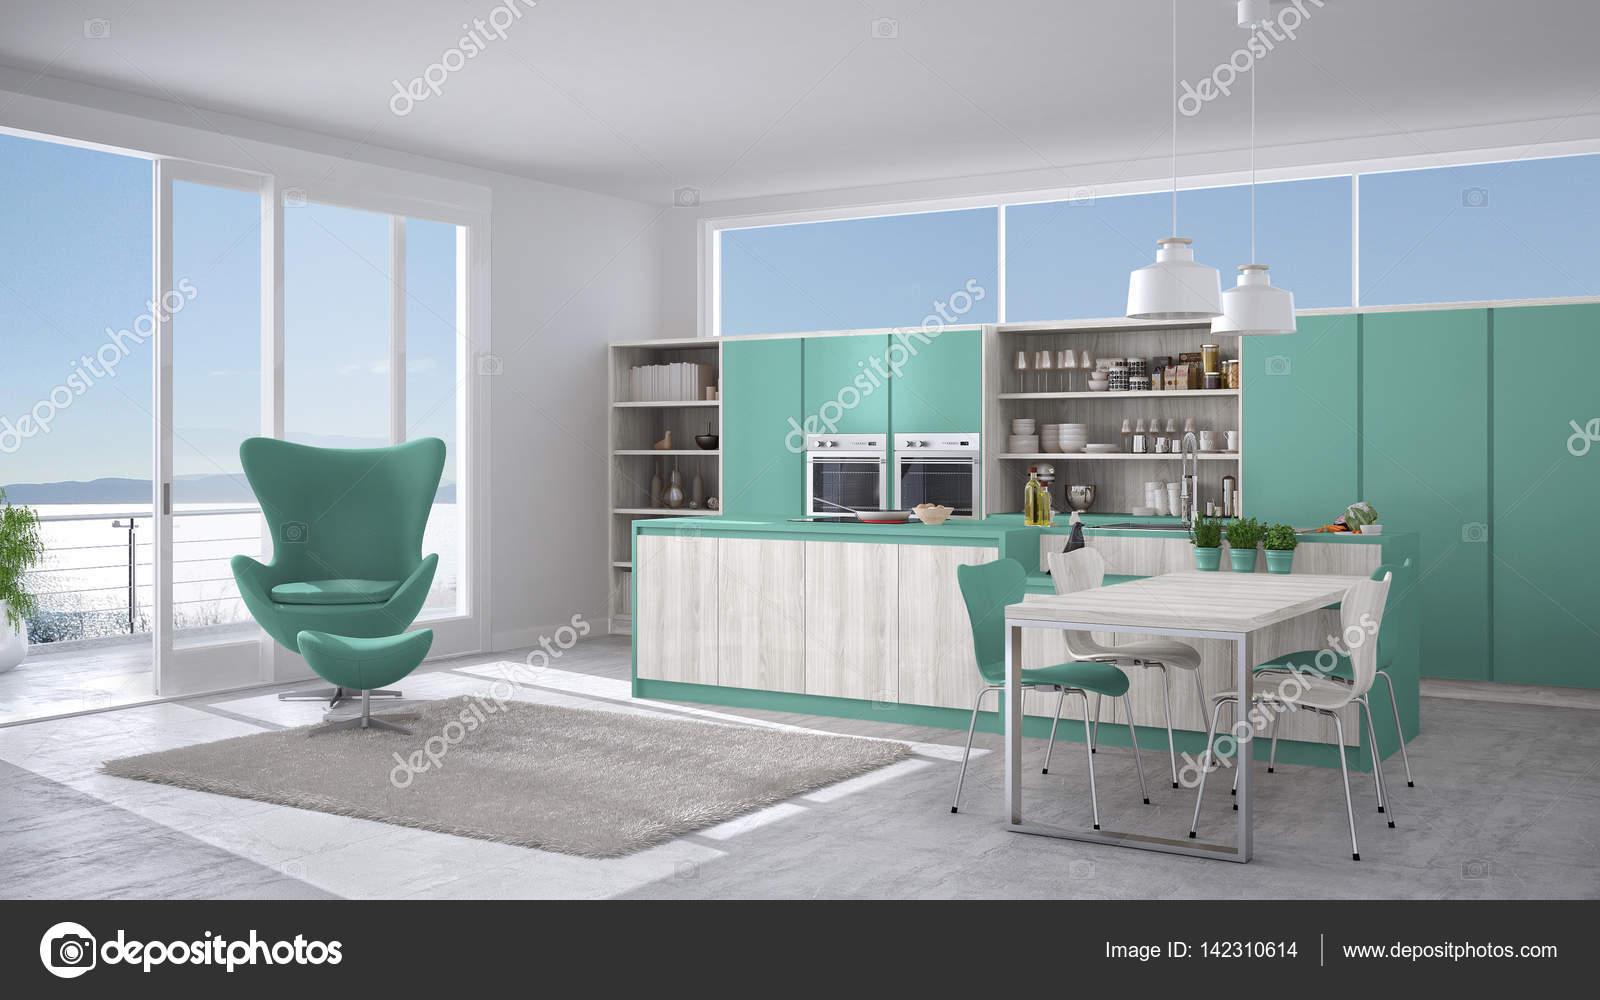 Cucina moderna bianca e turchese con dettagli in legno, grande vento ...